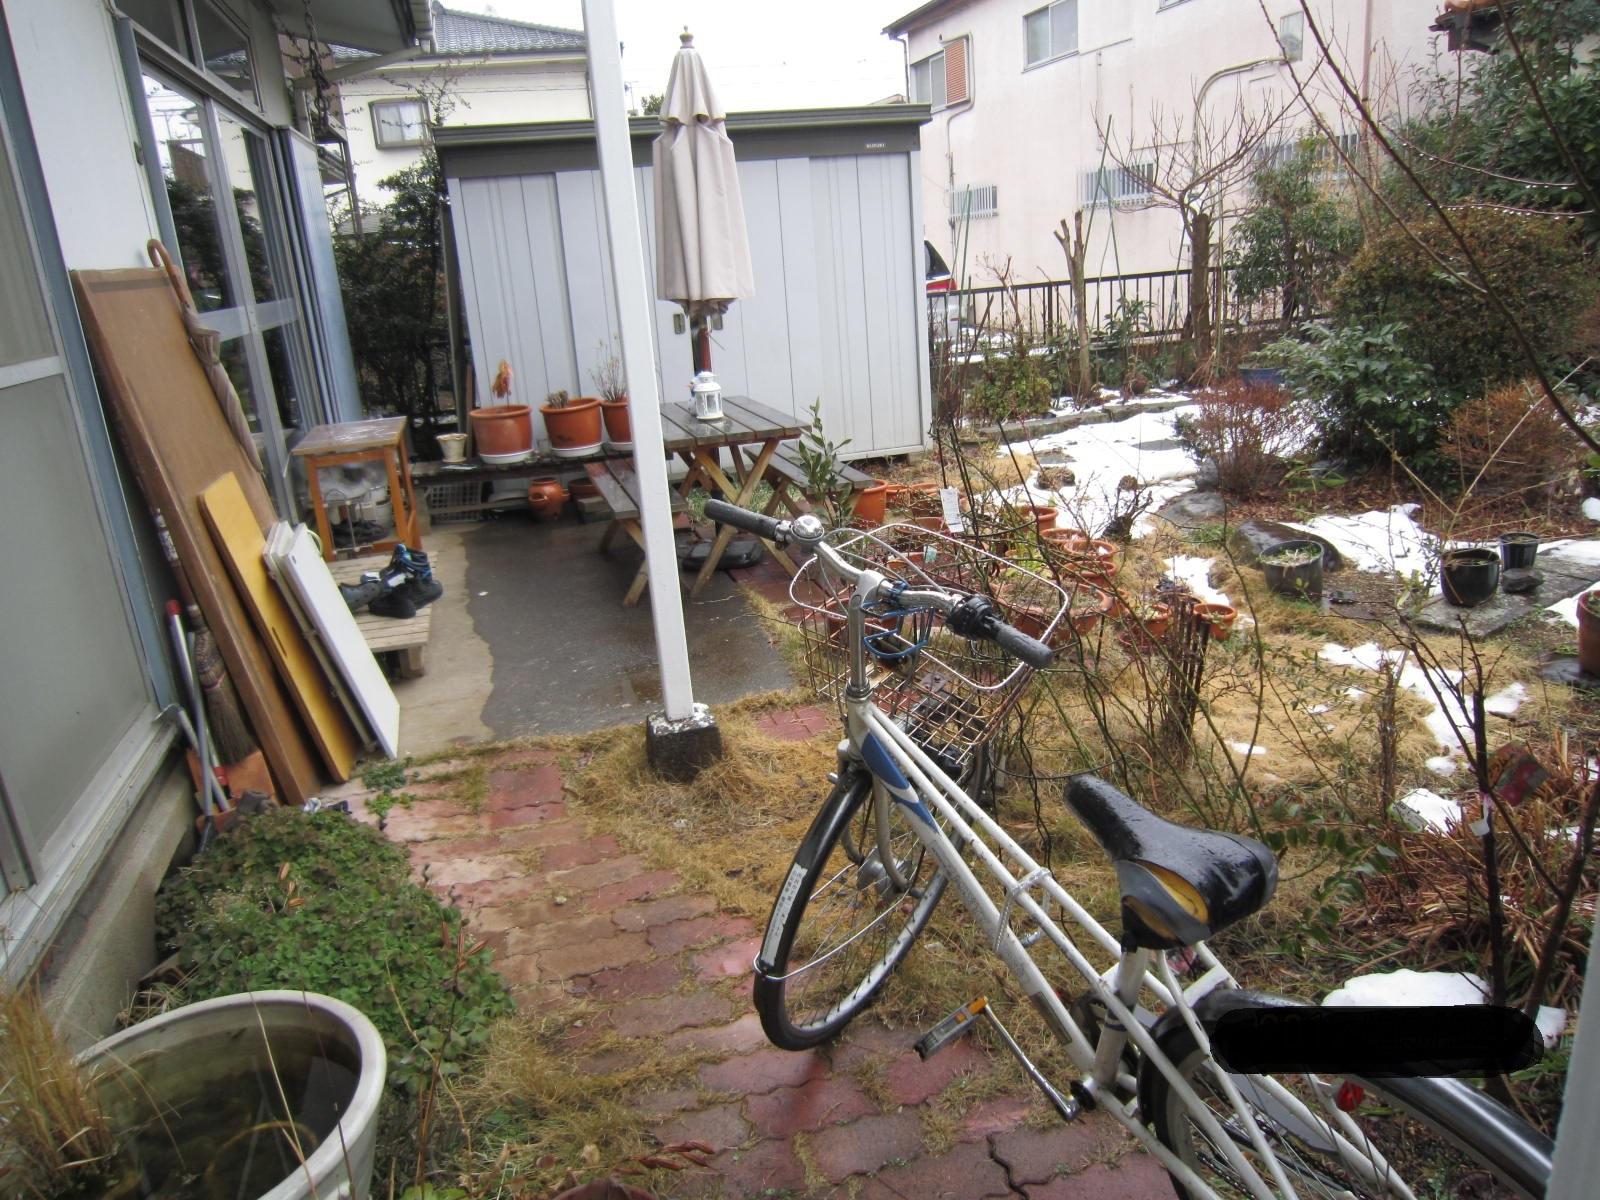 バリアフリーの 皆さんが集える庭 埼玉県(所沢市)-4